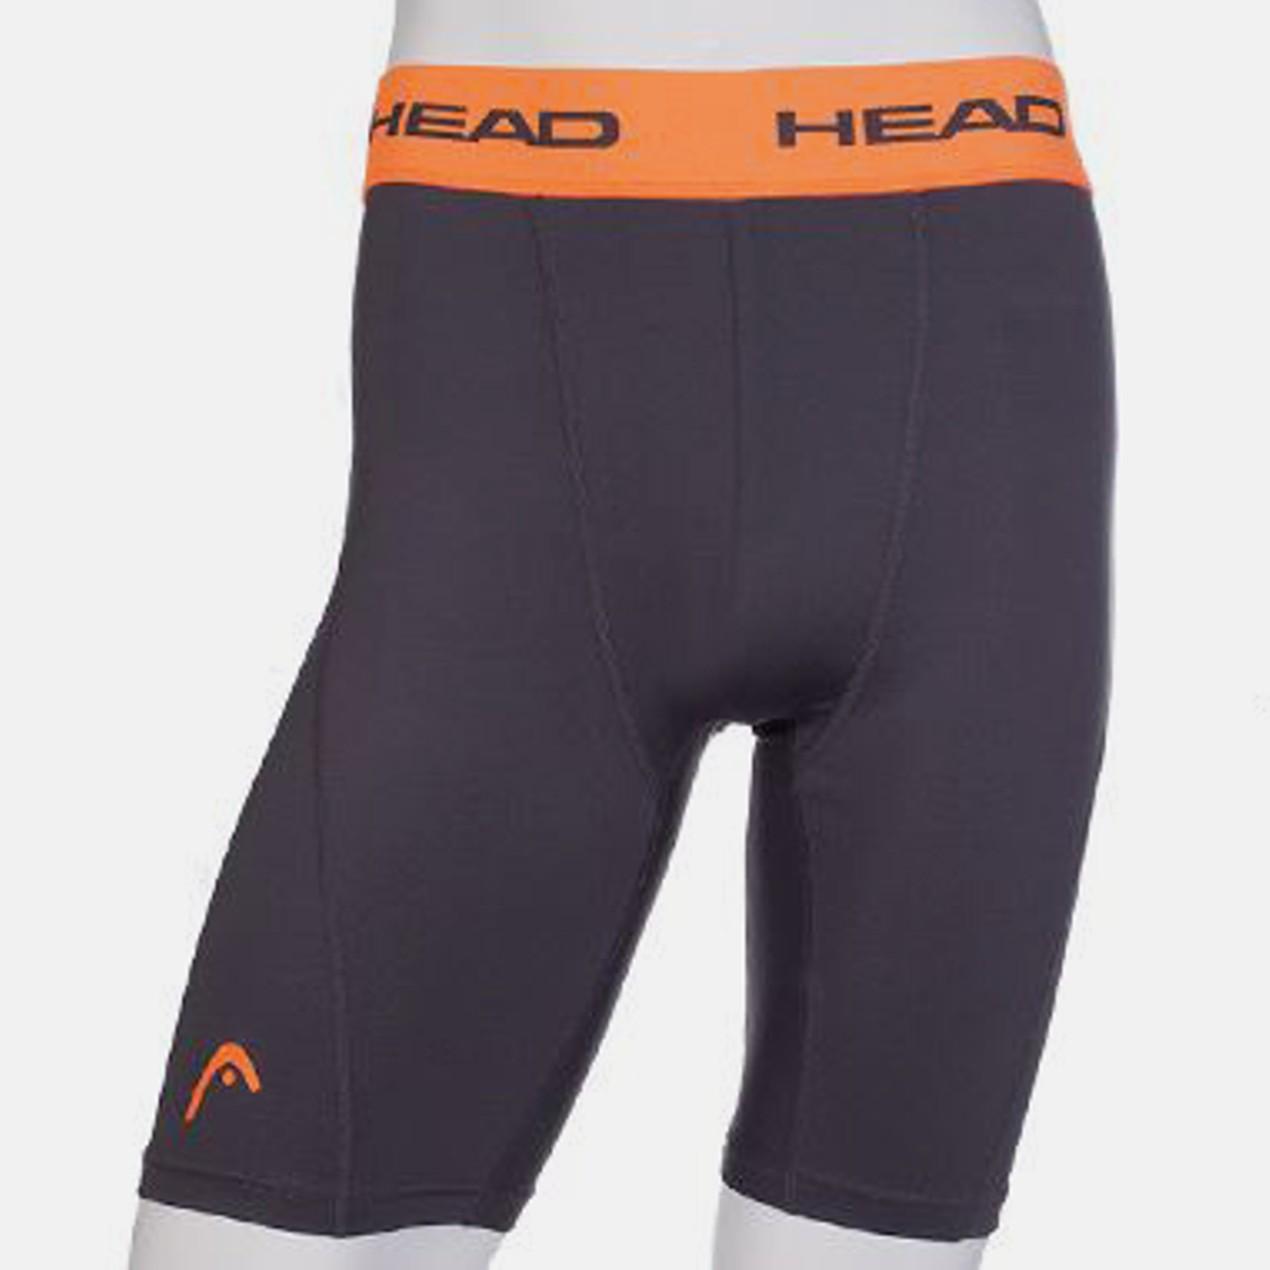 Men s Head Compression Shorts Men s Head Compression Shorts ... bc9137224f86